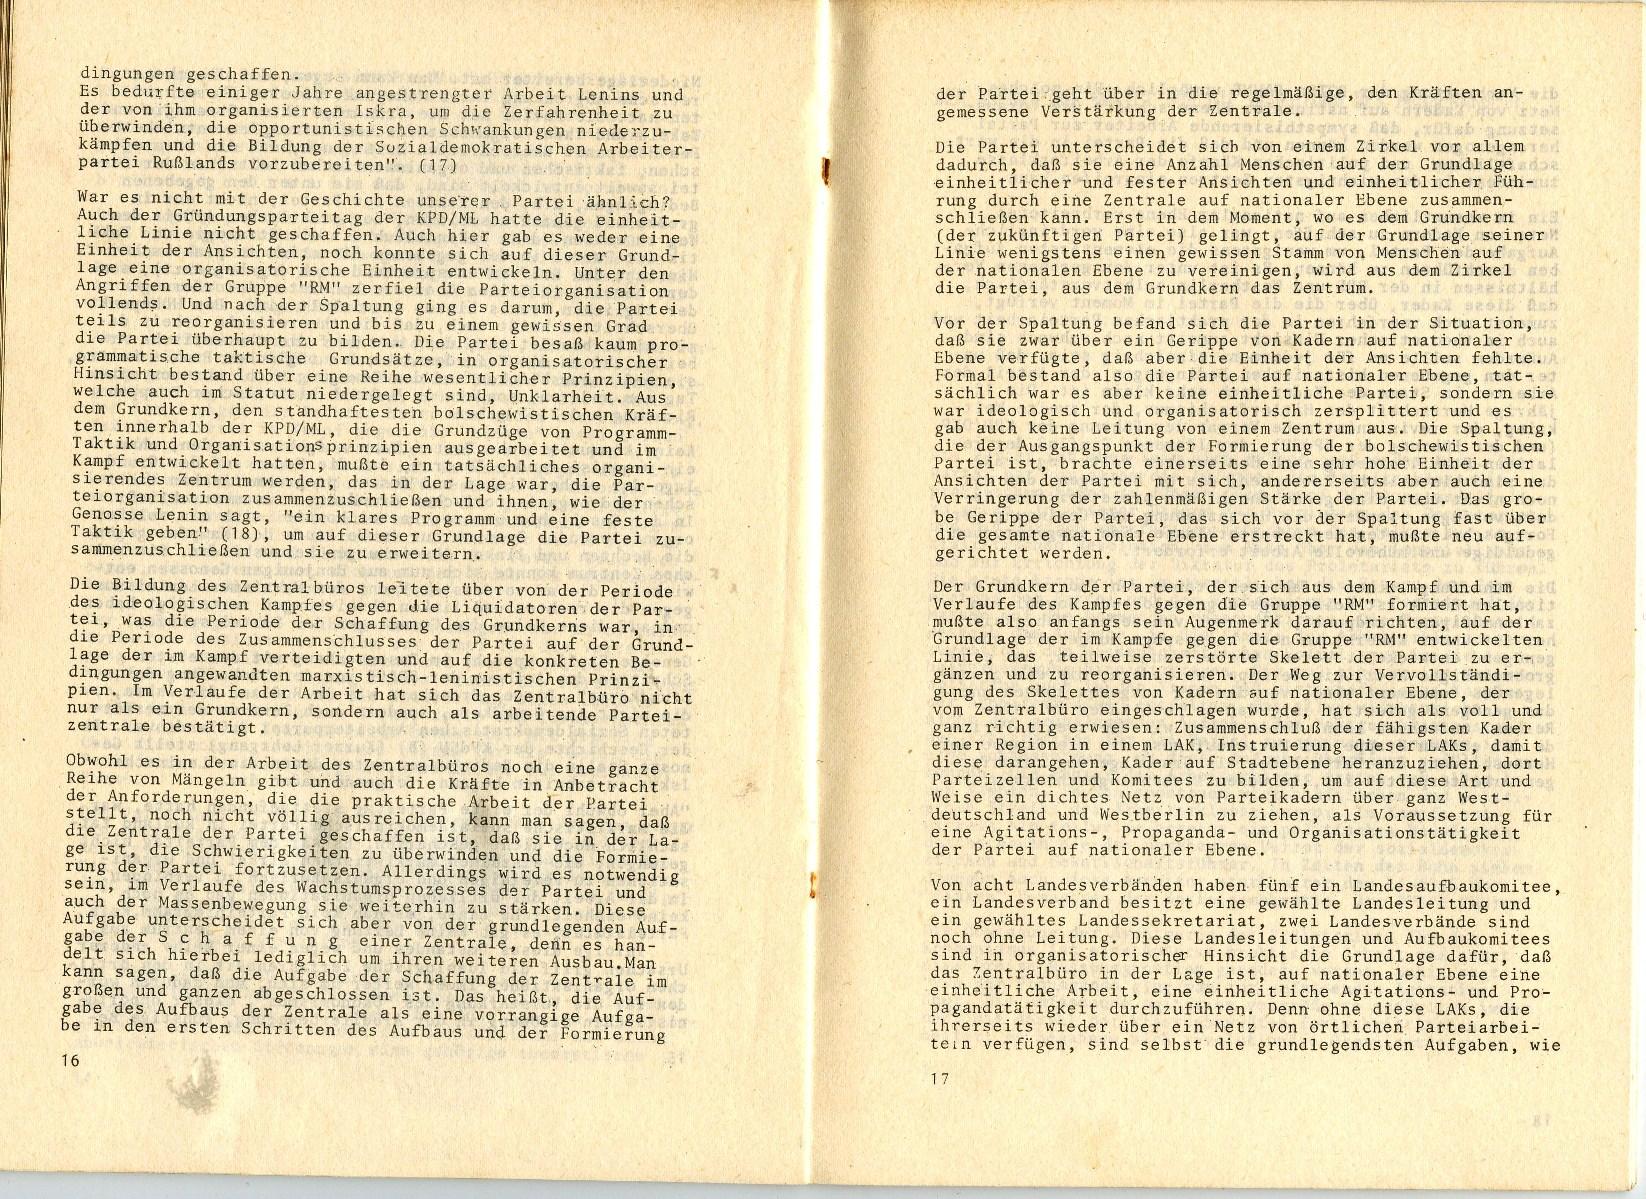 ZB_Etappen_Parteiaufbau_1971_15